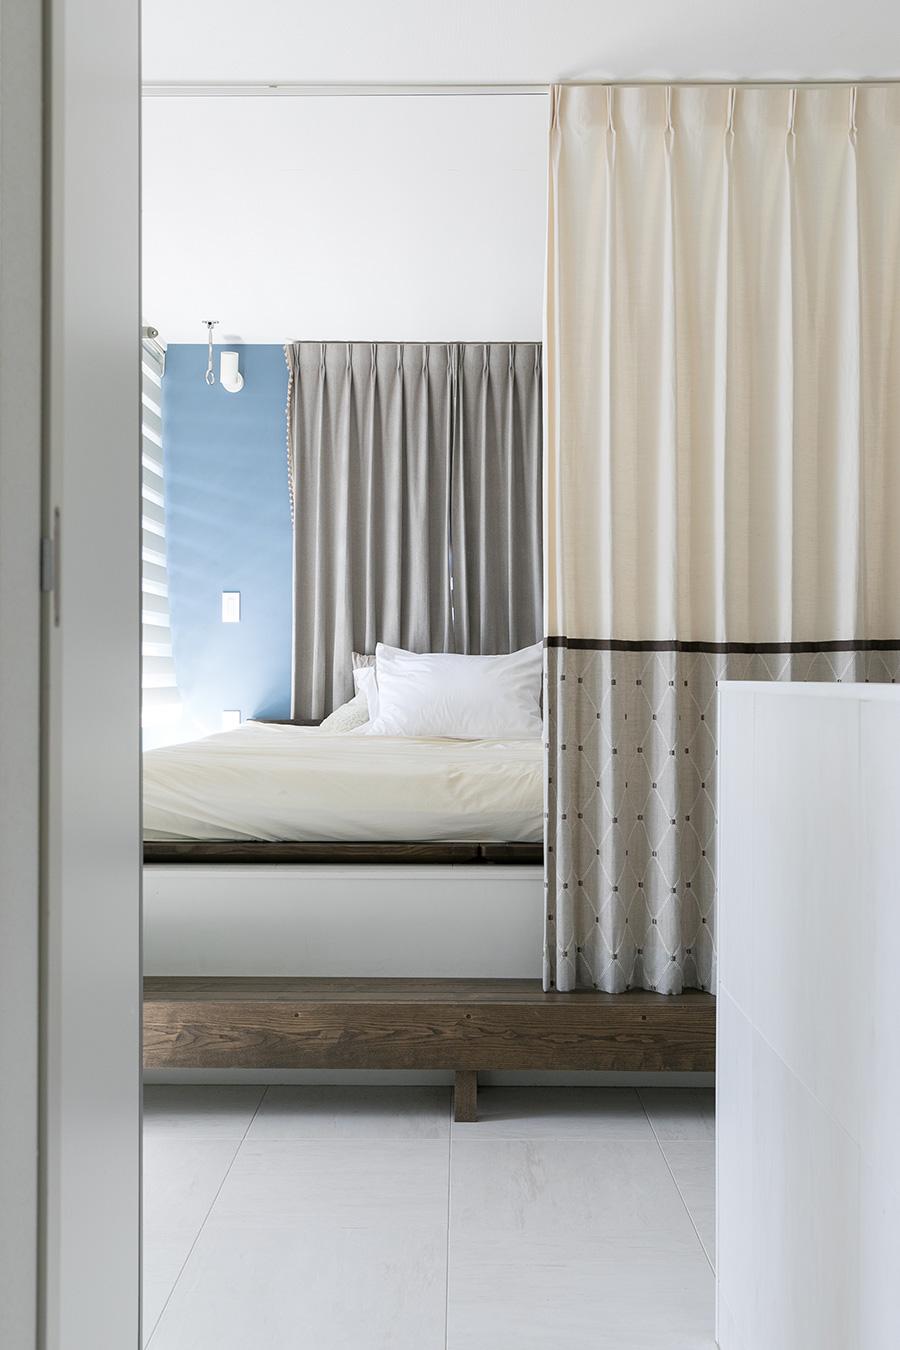 2階寝室。小さなベランダから明るい光が差し込む。この部屋の手前に収納と洗濯干しスペースがある。天井高さは低いとはいえ、落ち着きの出る空間になっている。